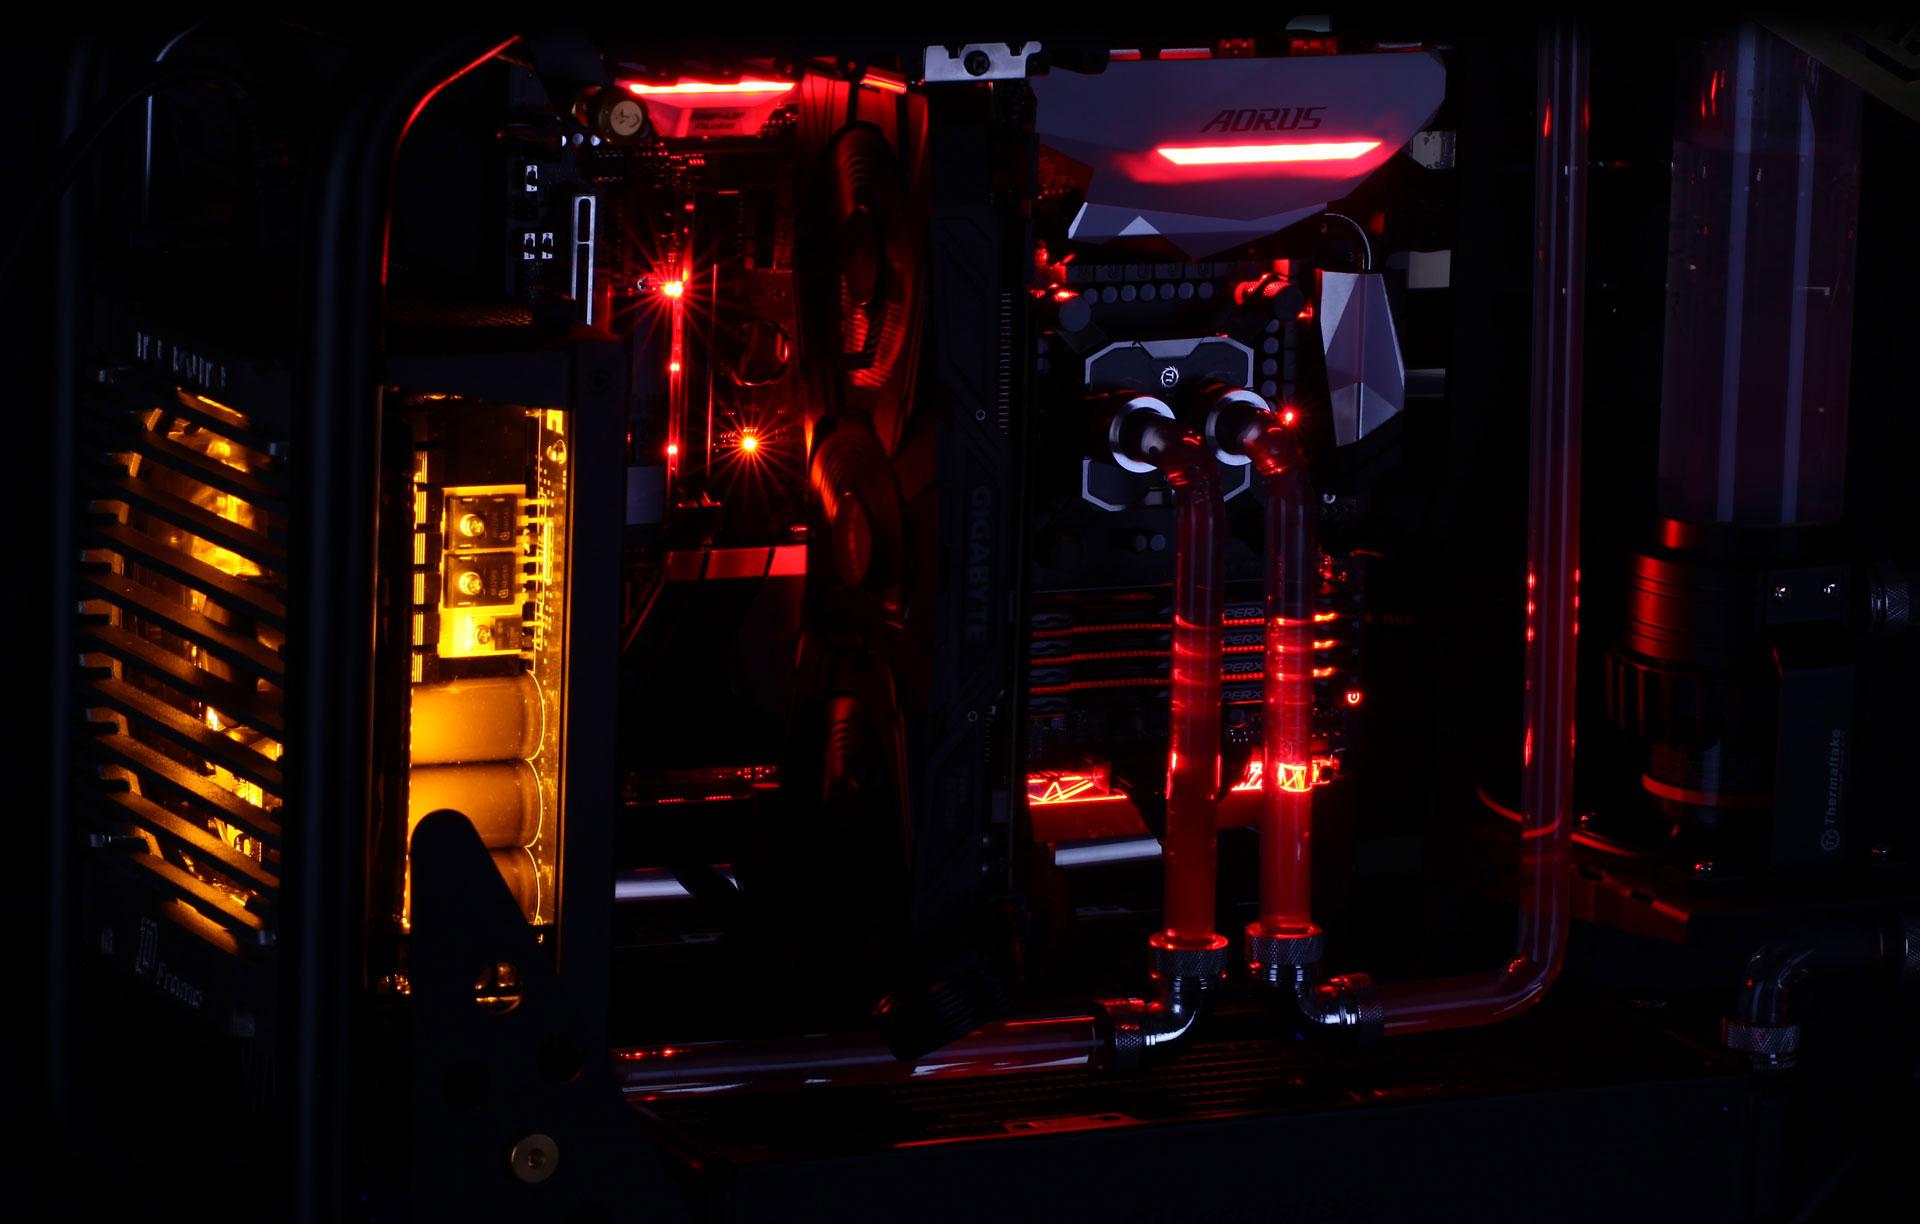 GA-Z270X-Gaming 7 (rev  1 0) | Motherboard - GIGABYTE Global